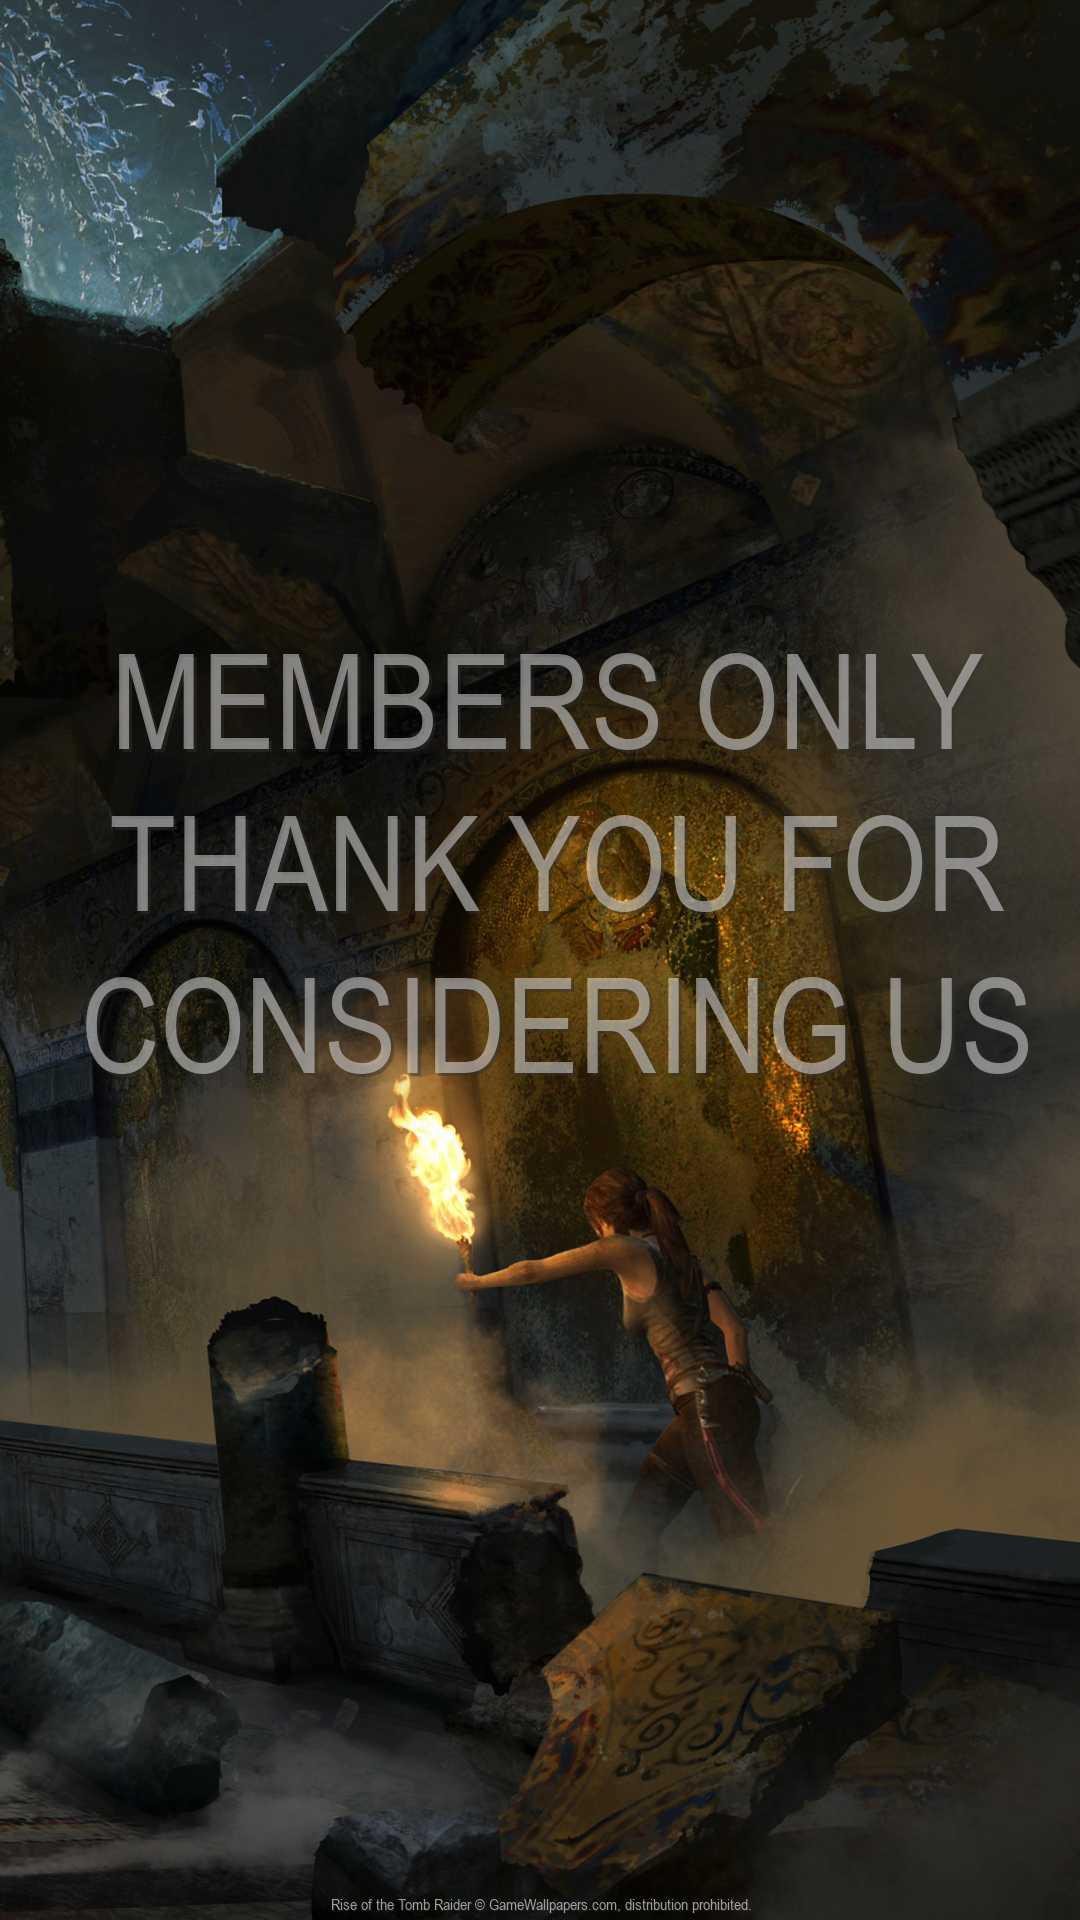 Rise of the Tomb Raider 1080p Vertical Móvil fondo de escritorio 22